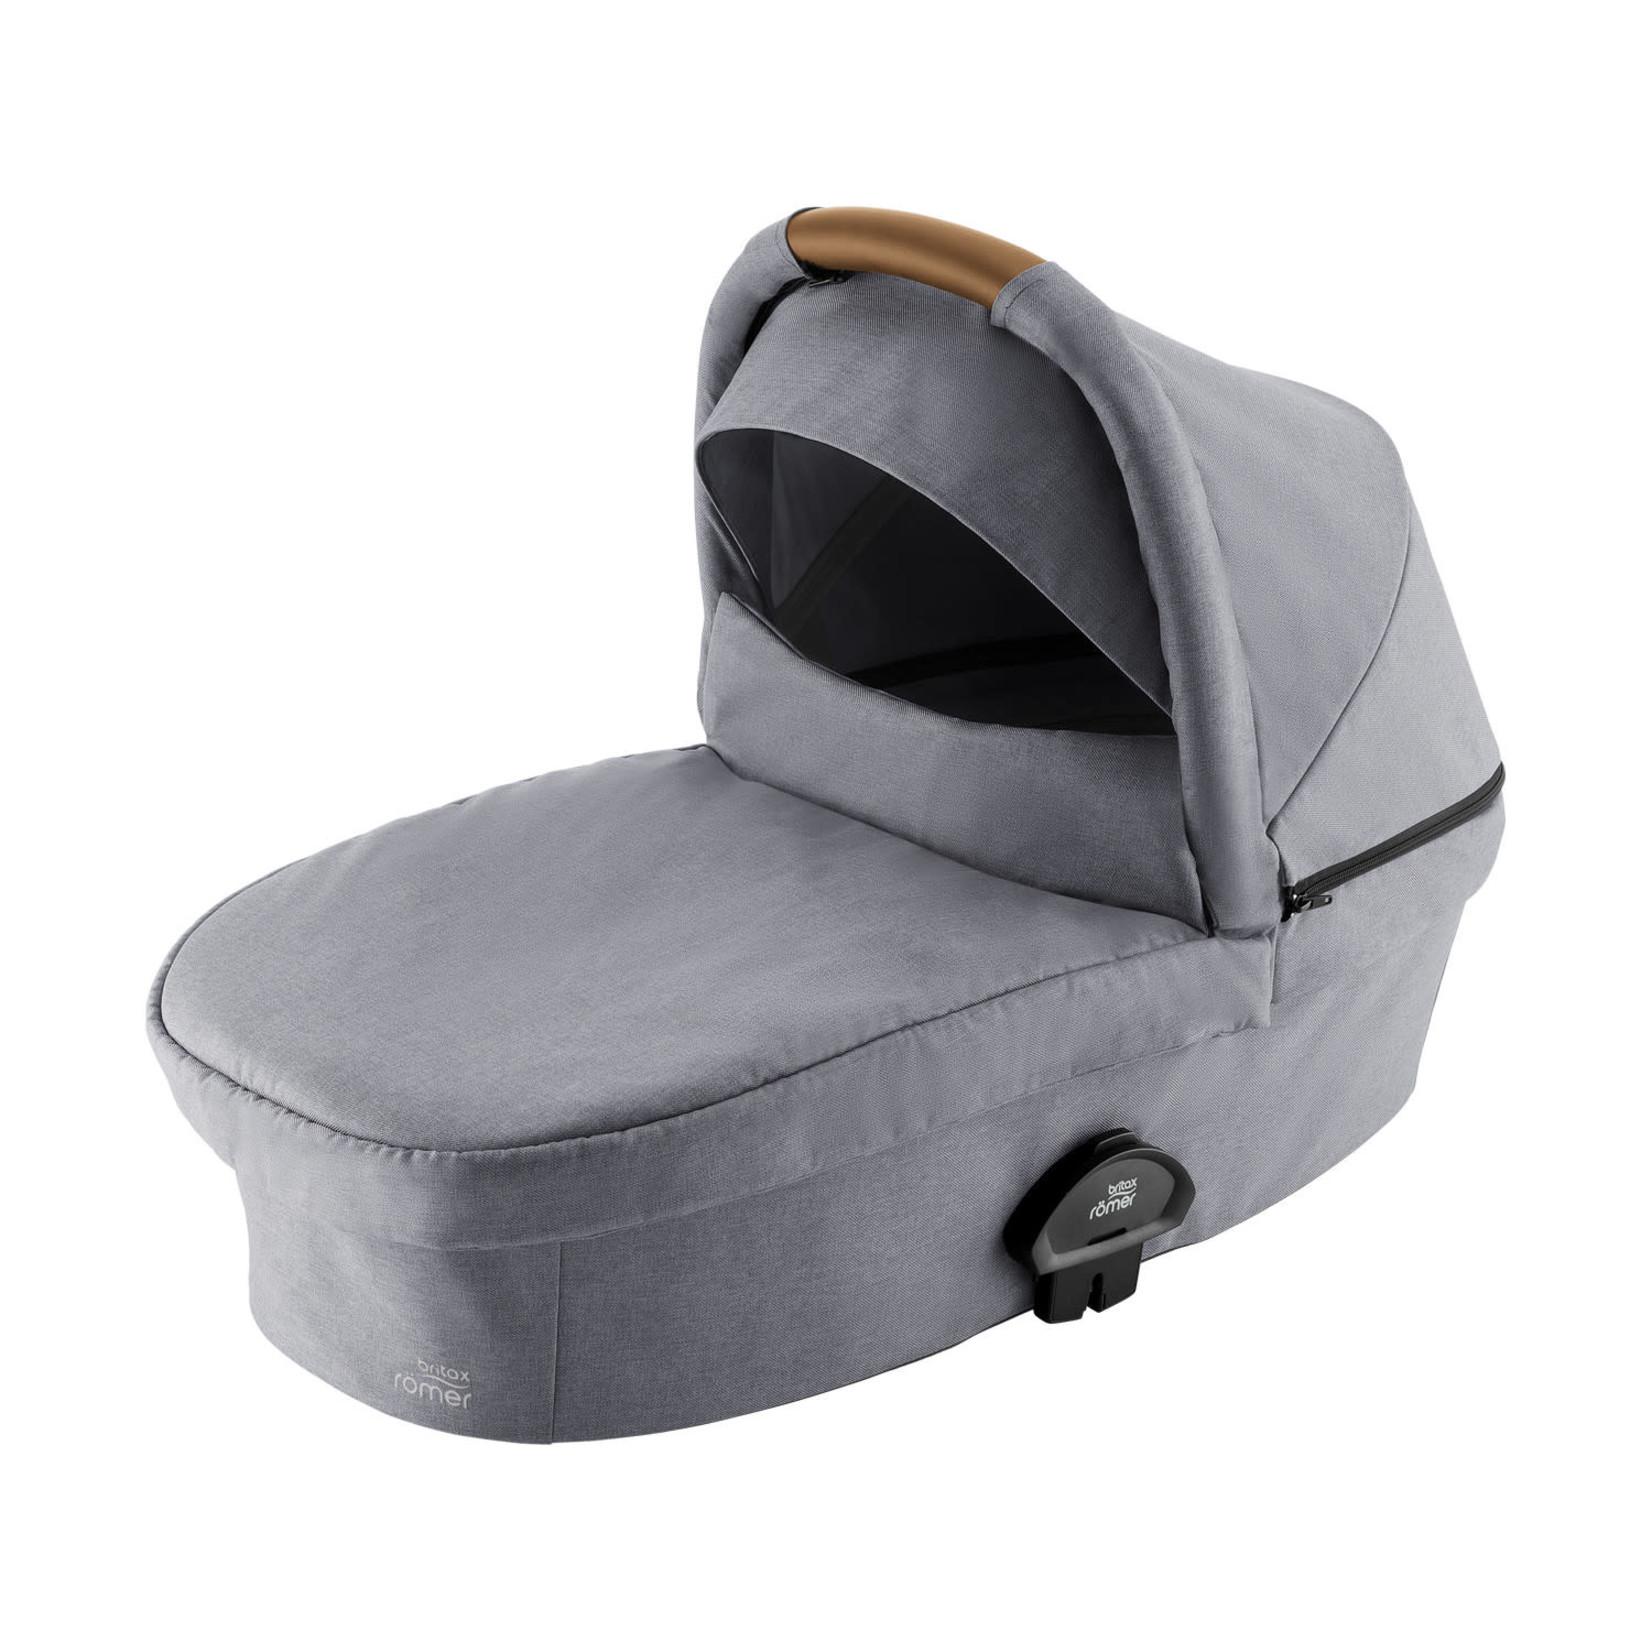 Britax Römer Britax Römer Smile 3 Hard Carrycot   Frost Grey, Brown handle